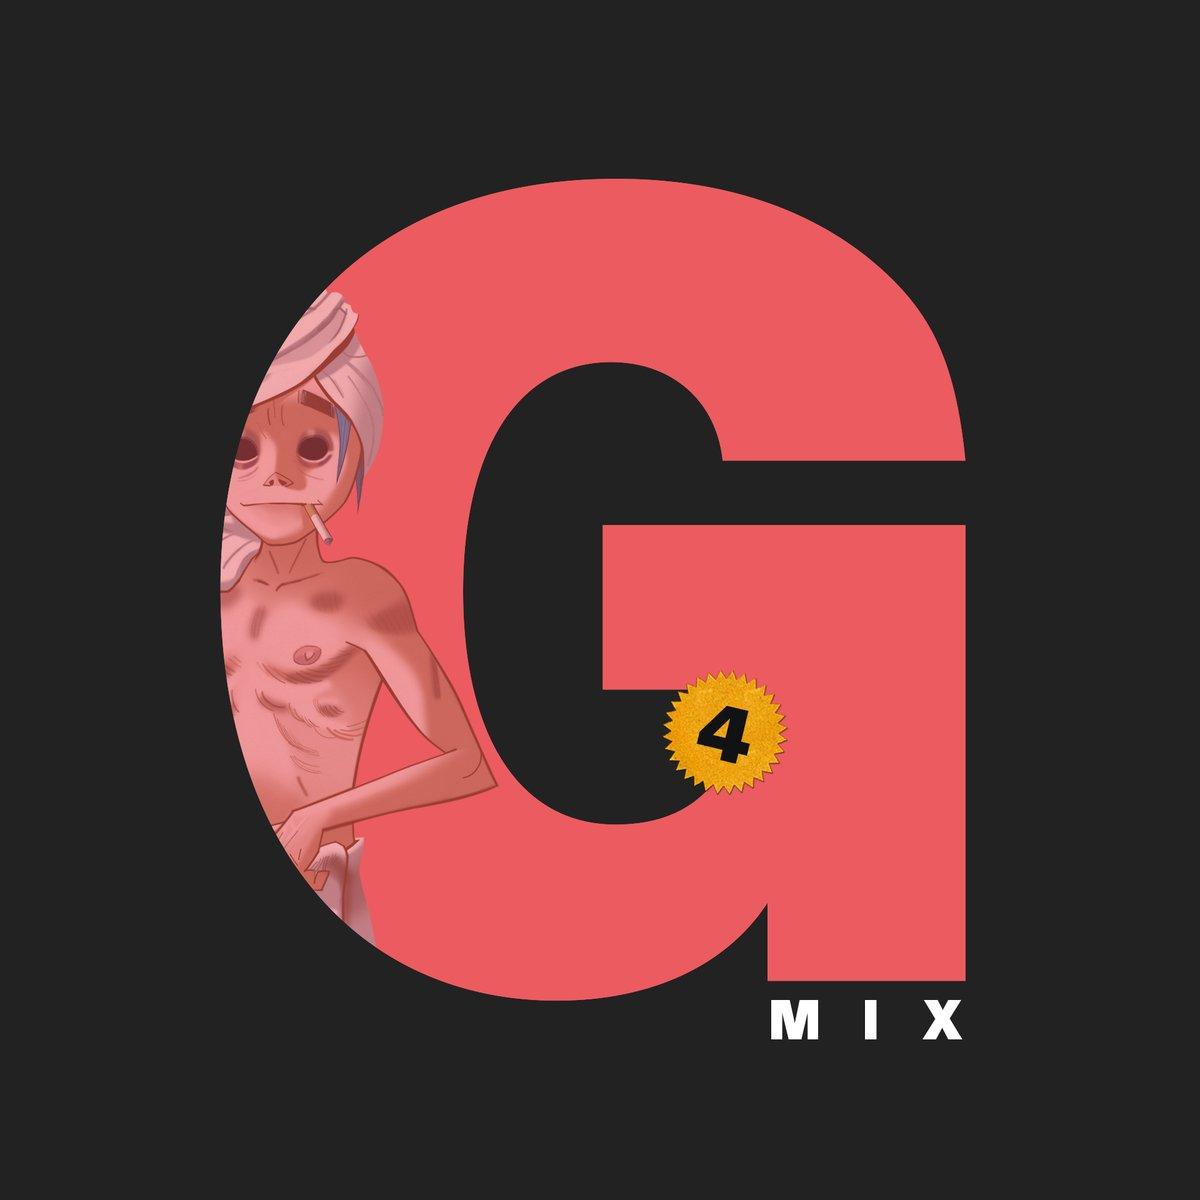 G-Mix: 2D 4